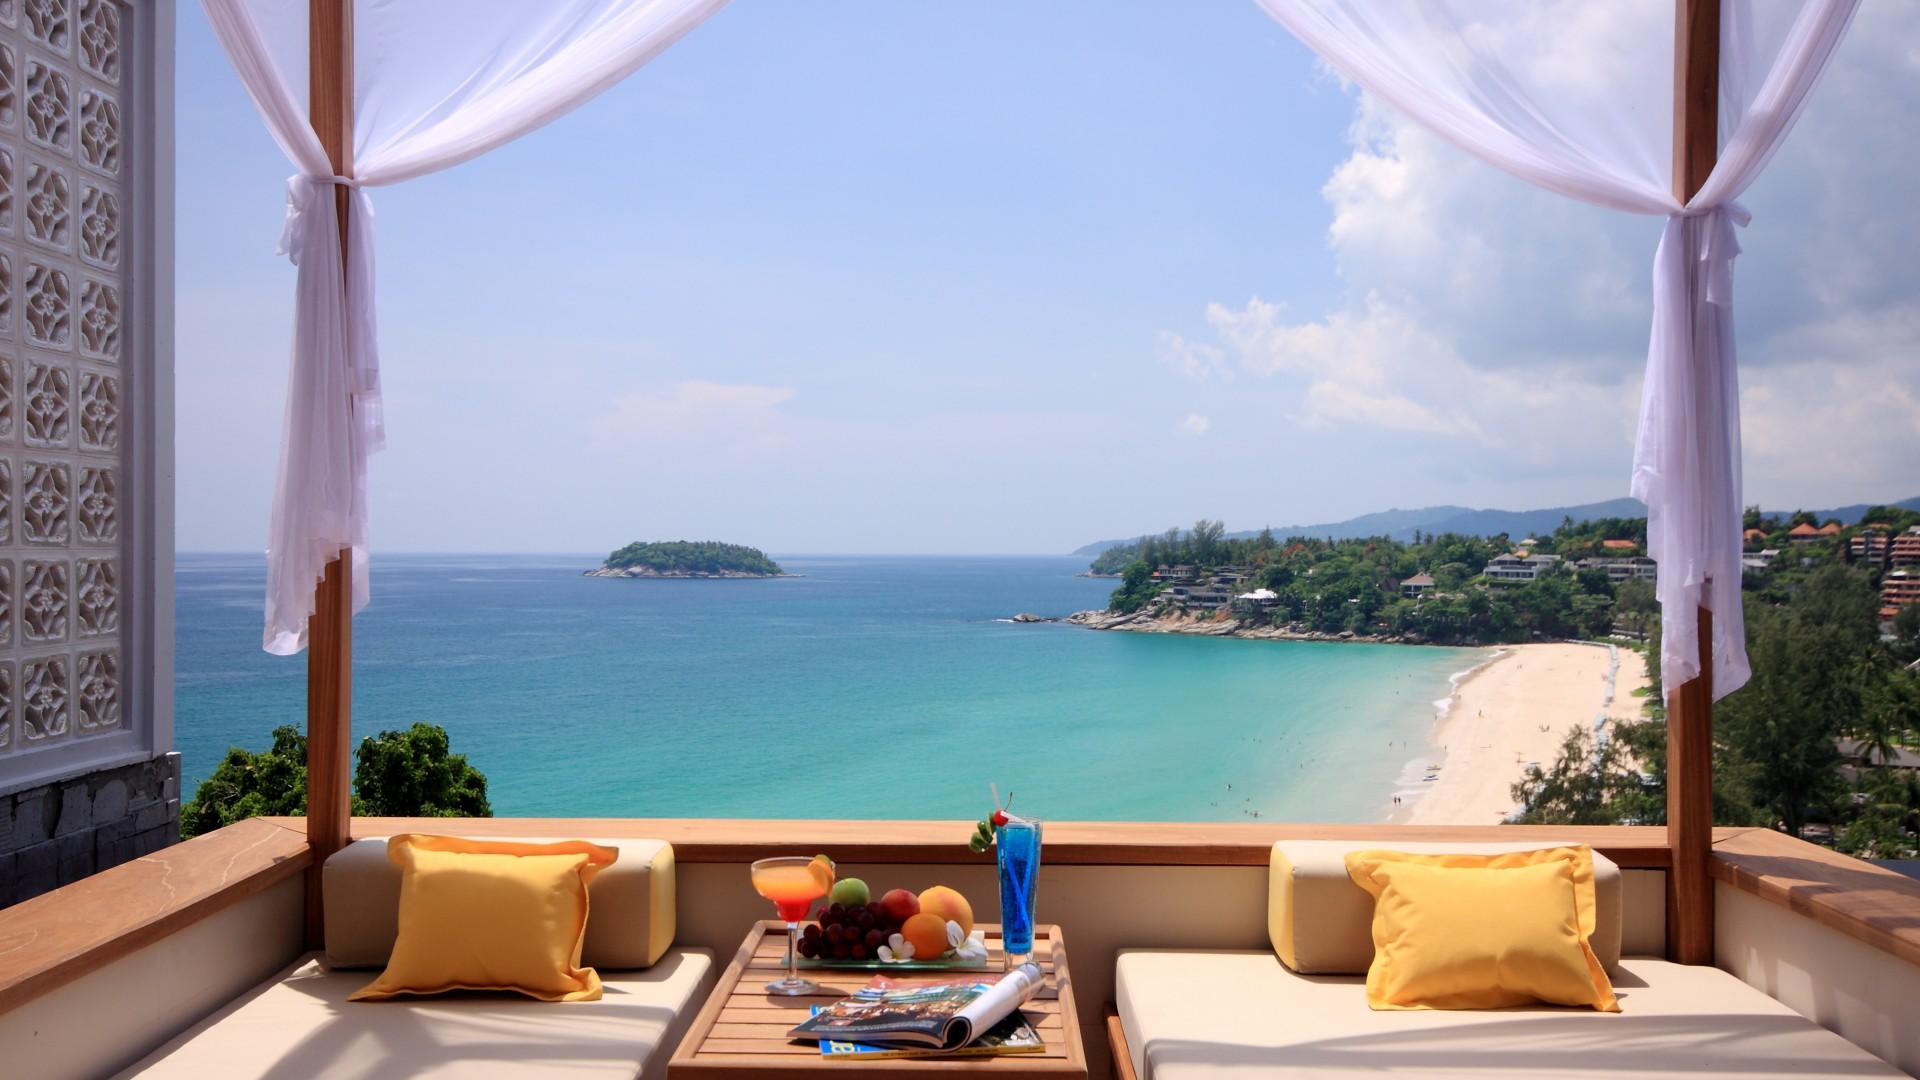 Картинки отель пляж